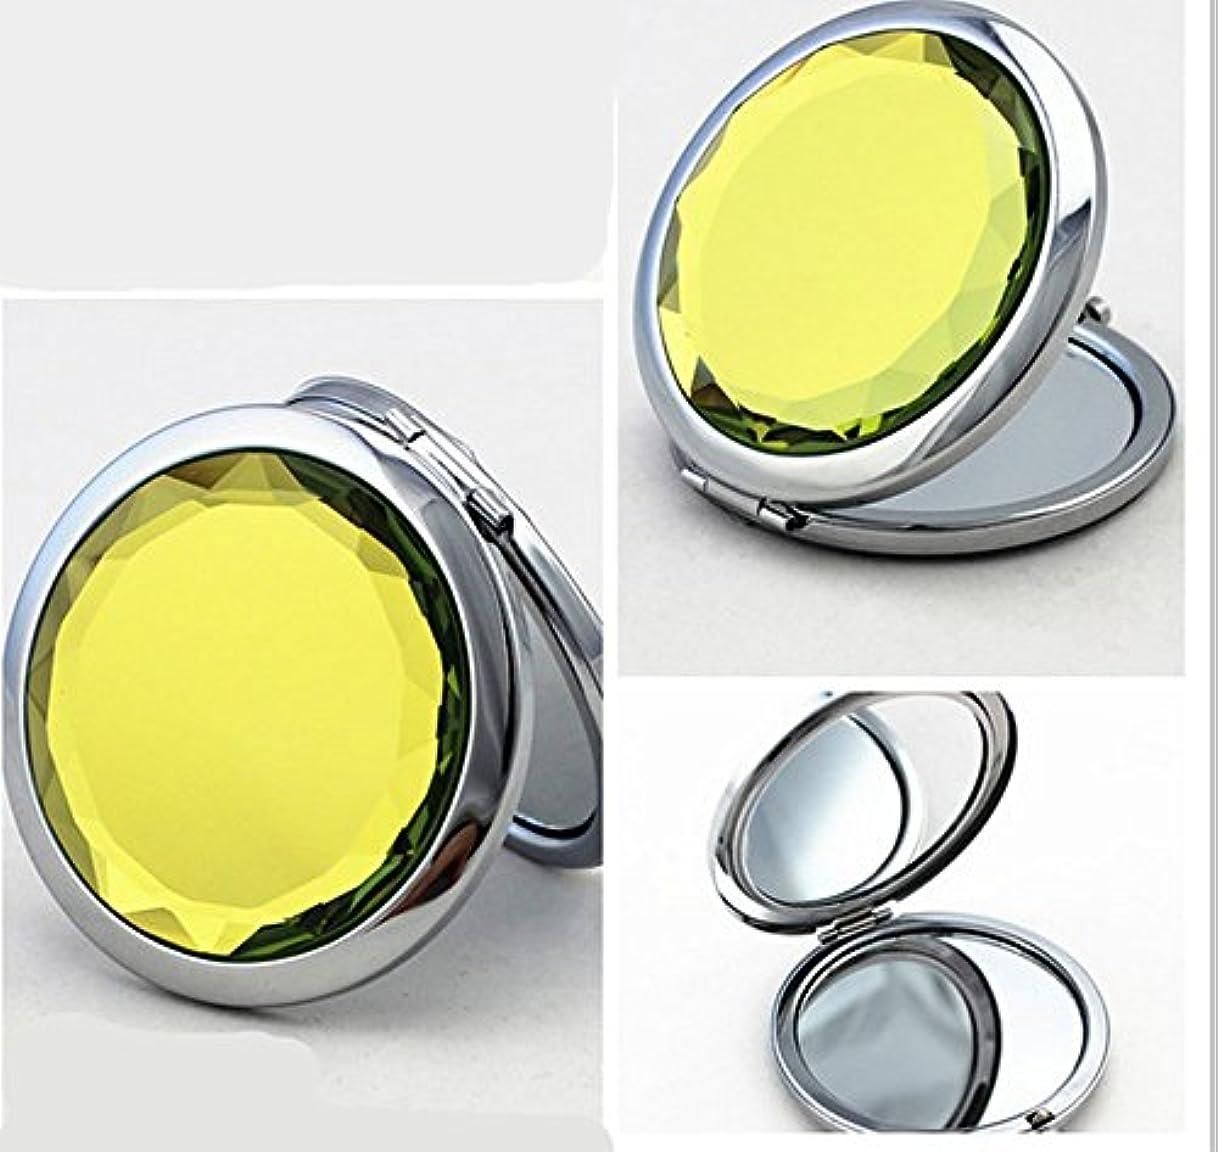 非常に怒っています石油アウターSHINA 宝石飾りのコンパクトミラー クリスタル調化粧鏡拡大鏡付き 丸型の折りたたみ鏡 化粧箱入りミラー 手鏡 おしゃれの小物 (mirror-1-G)